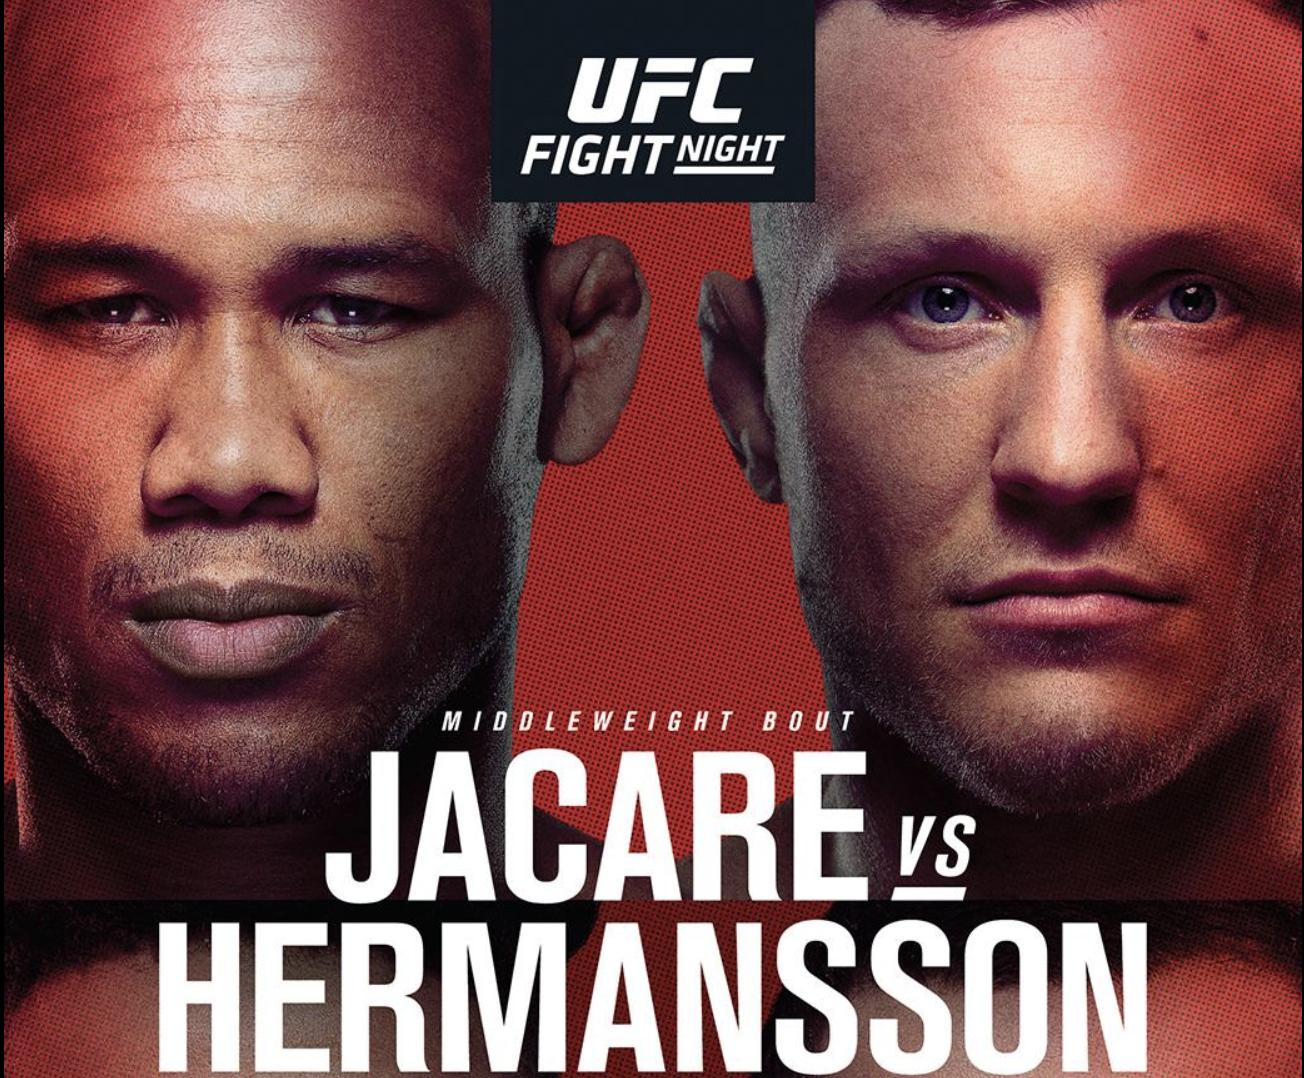 UFC Fight Night 150 -